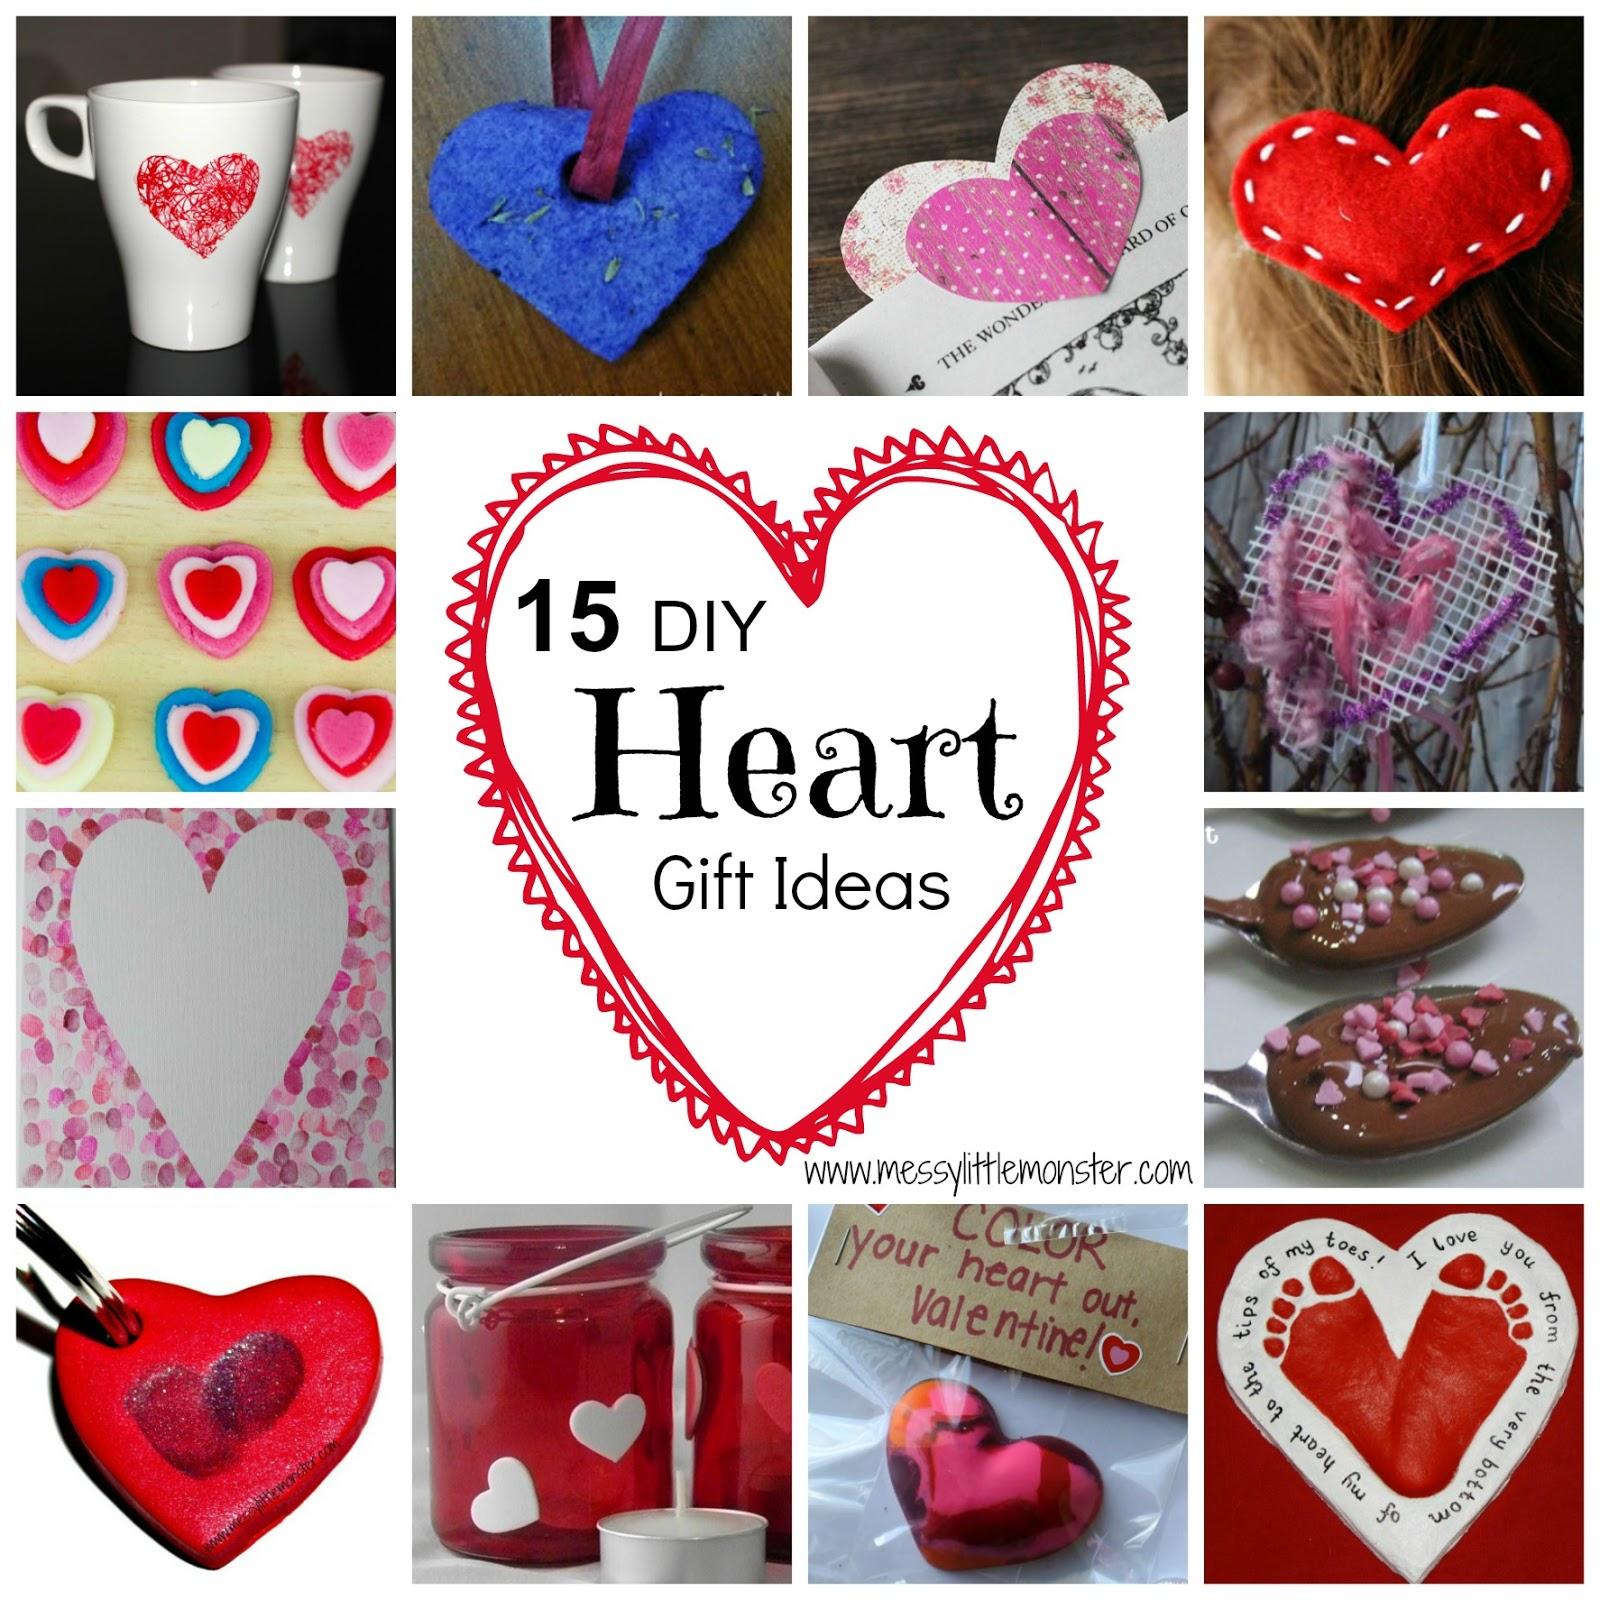 Homemade Heart Gifts - Messy Little Monster